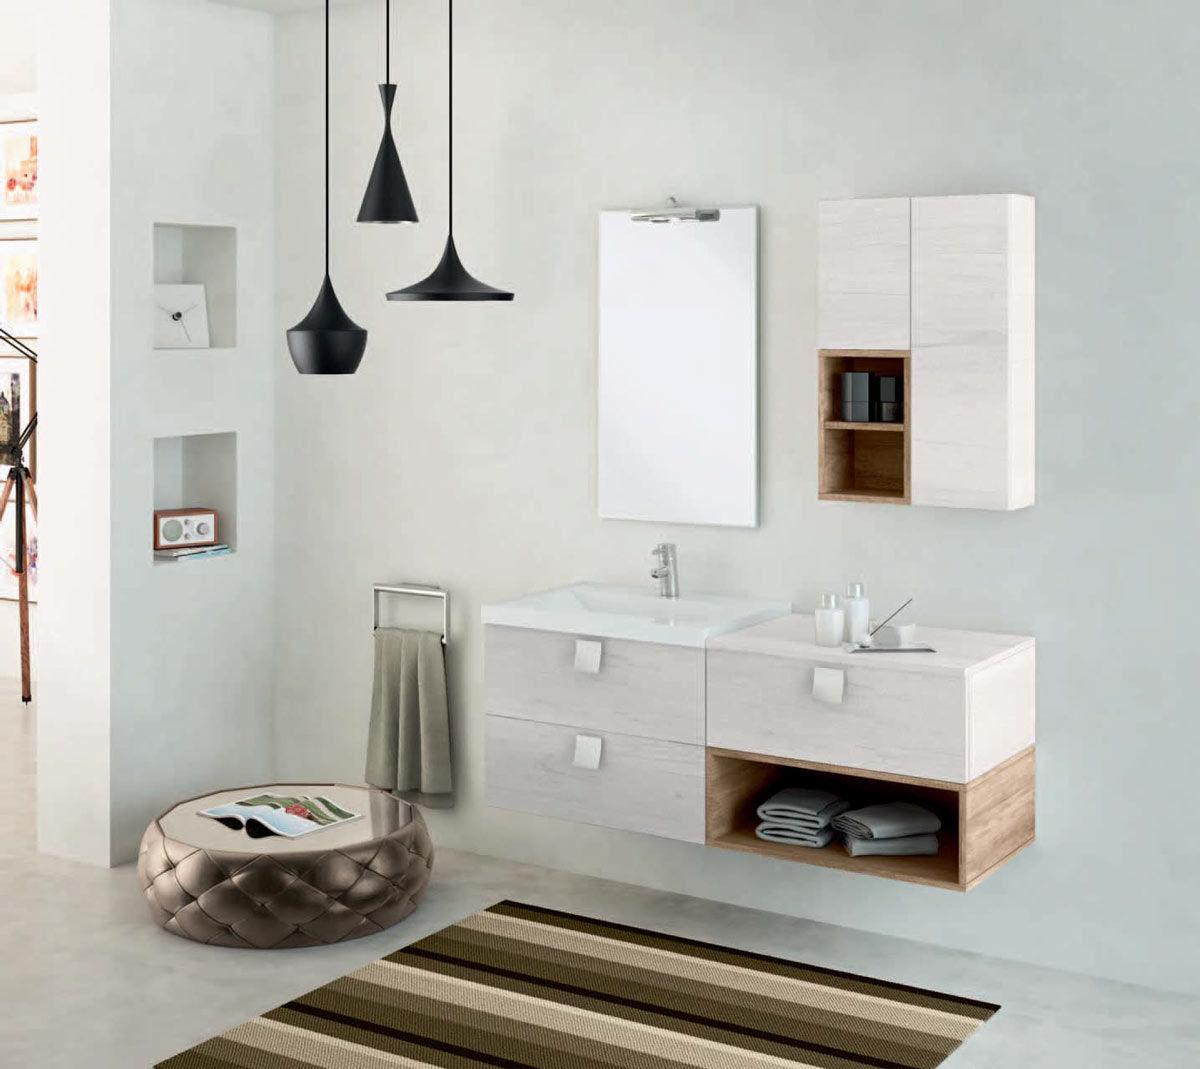 Bagno in muratura moderno perfect immagine bagno moderno - Bagno muratura moderno ...